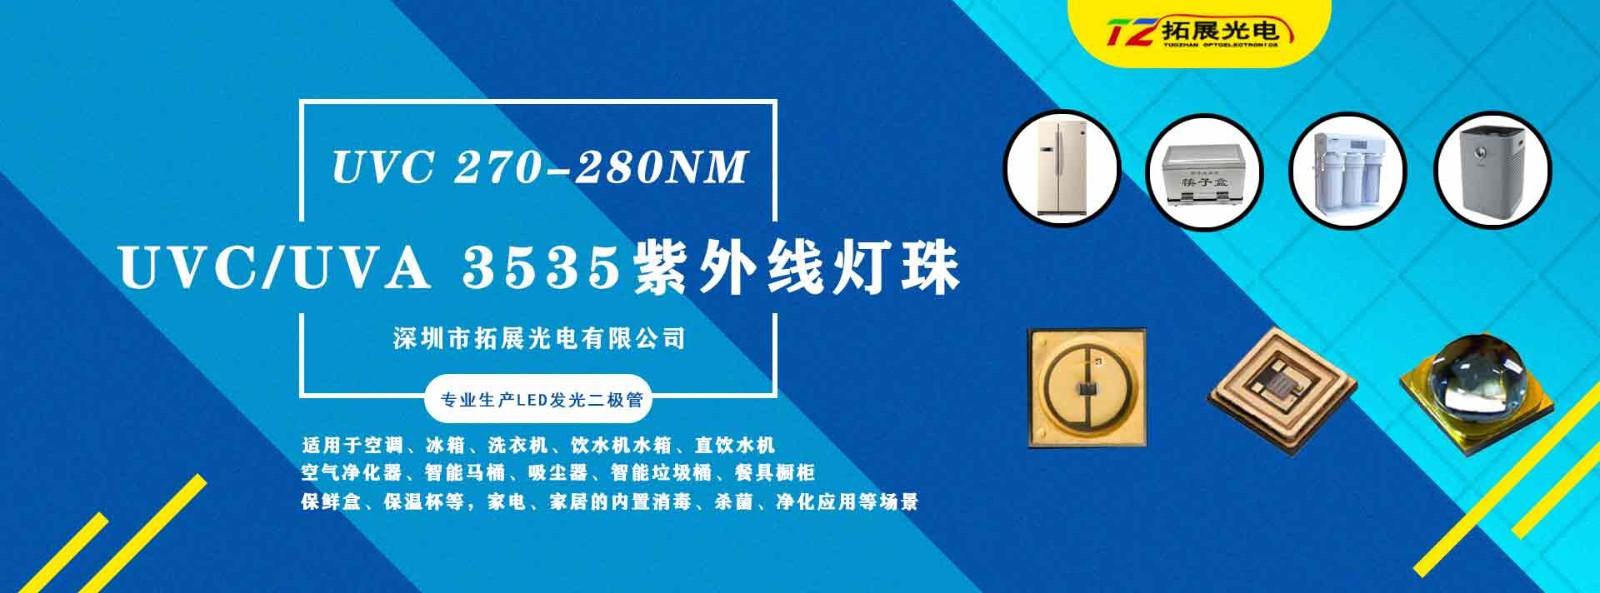 疫情商机:厂家直销3535紫外线 UVC 消毒杀菌